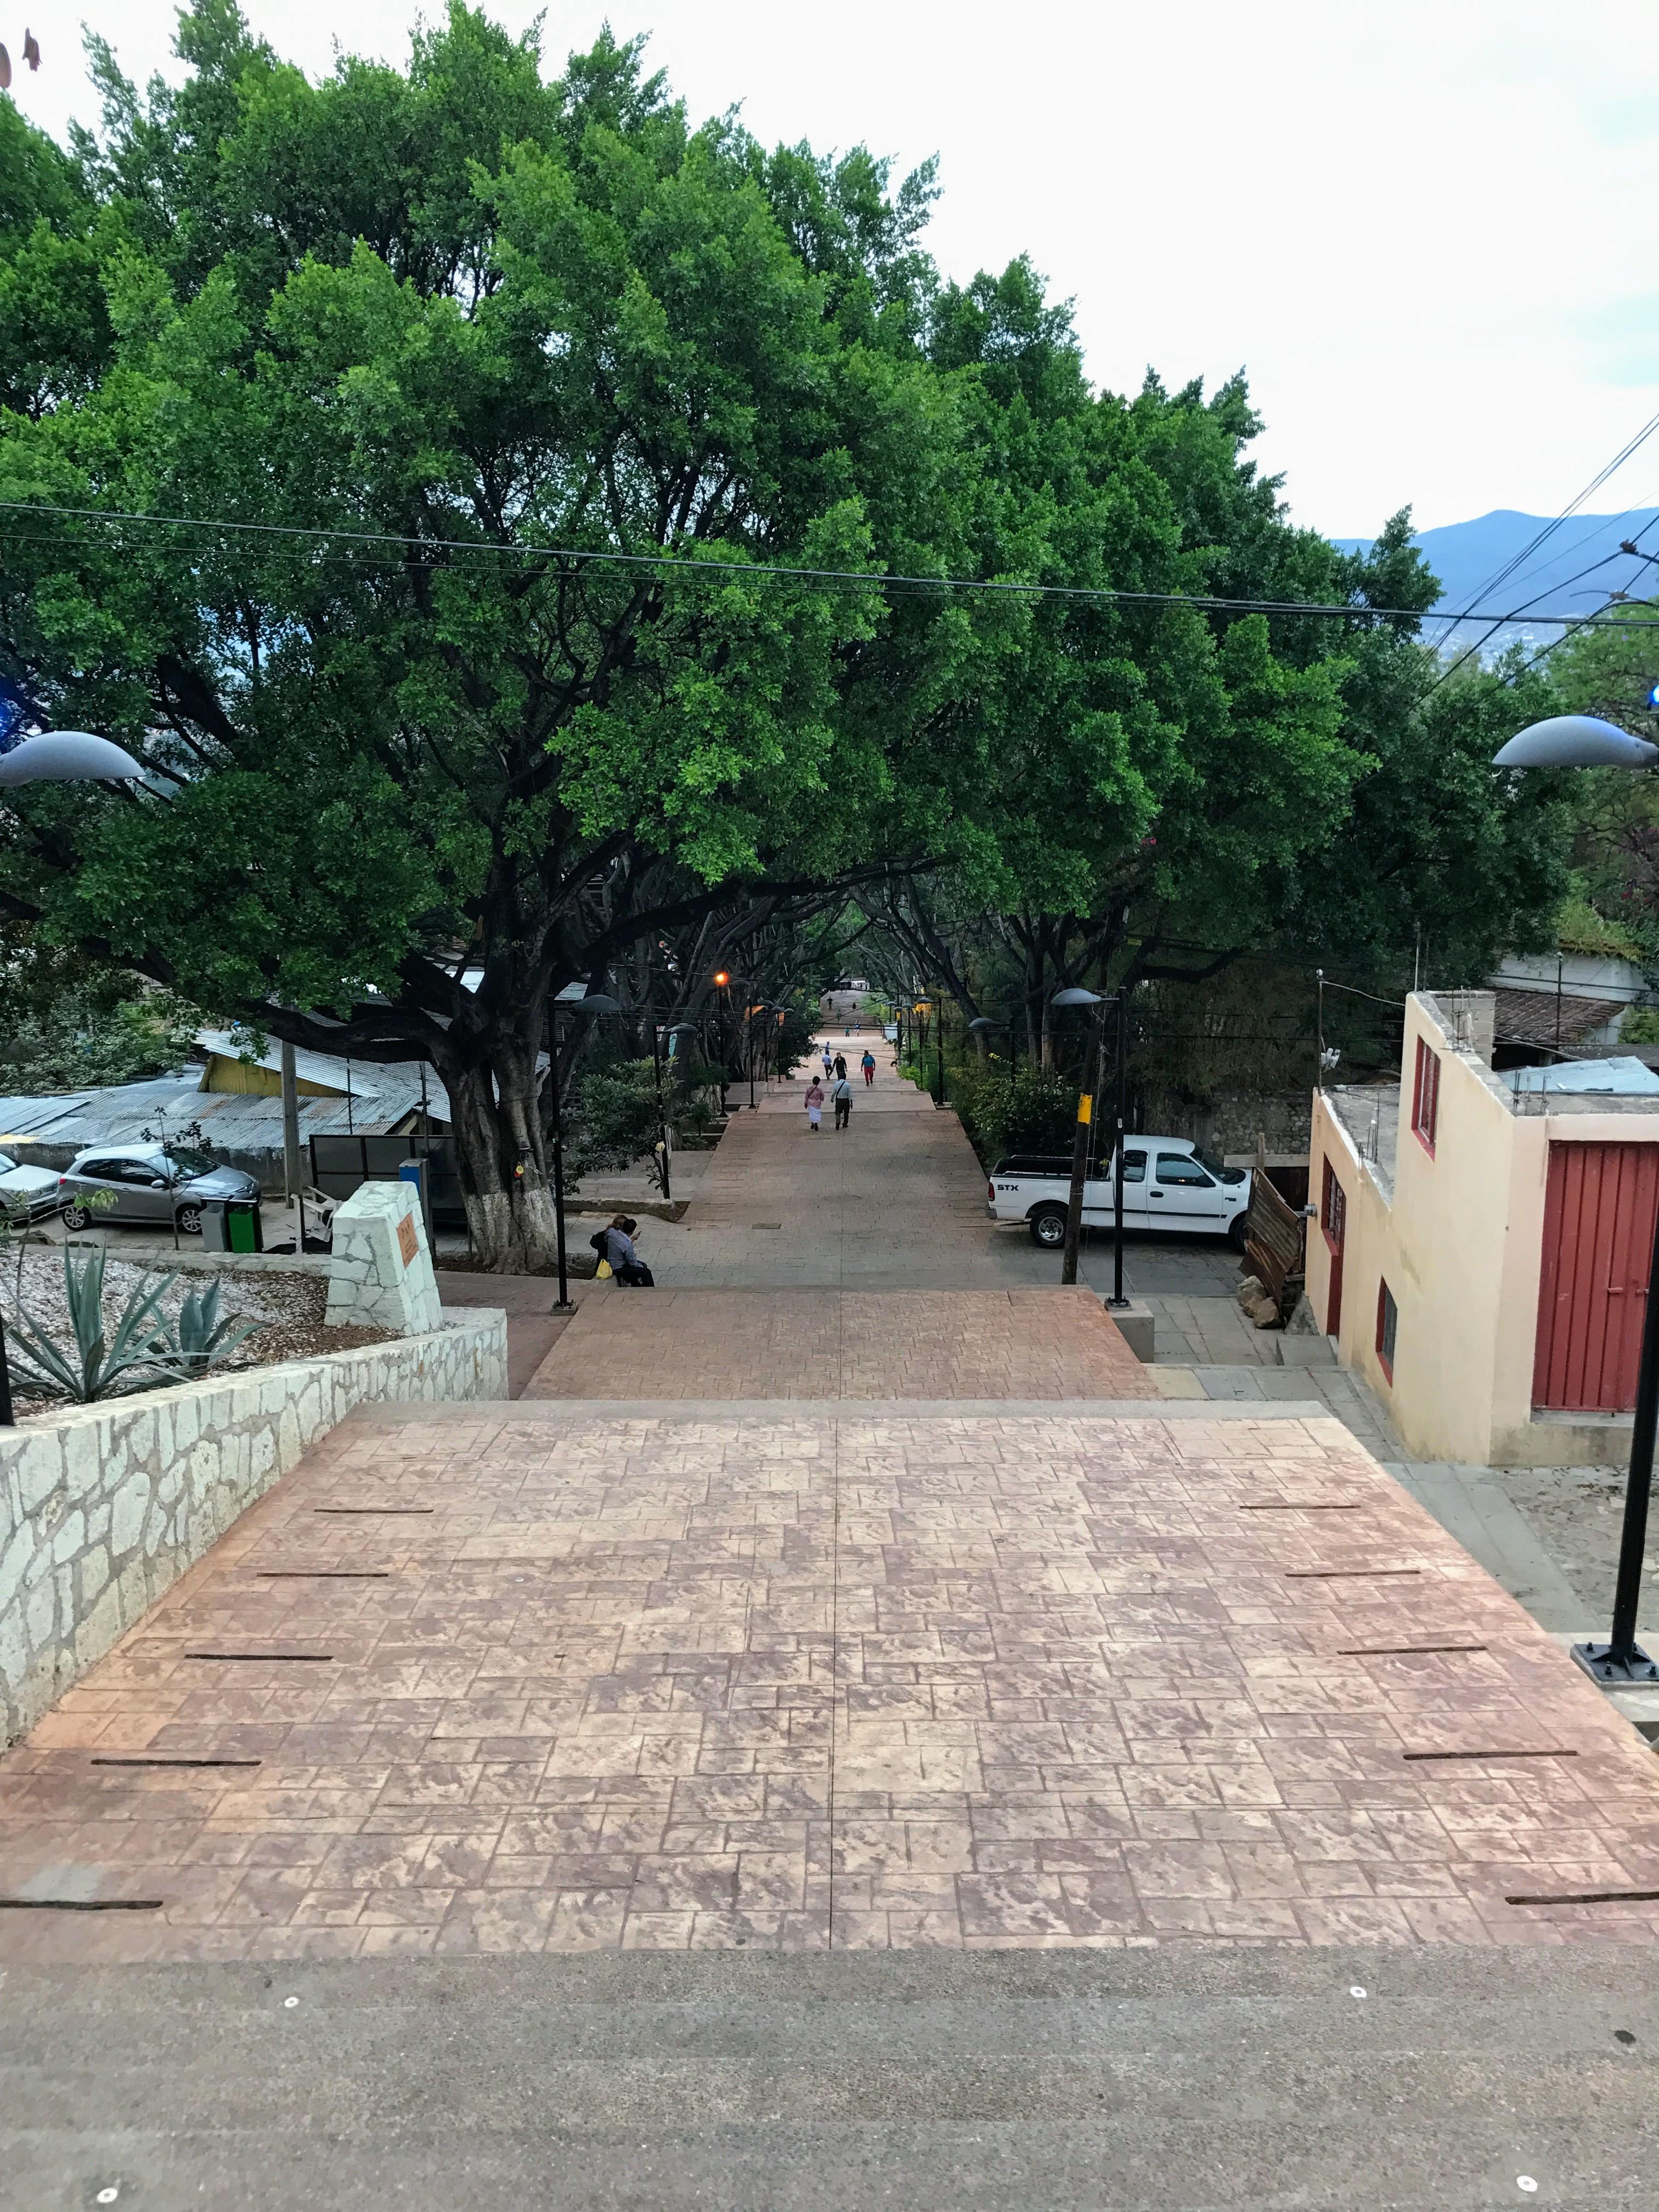 Escaleras of Cerro del Fortin